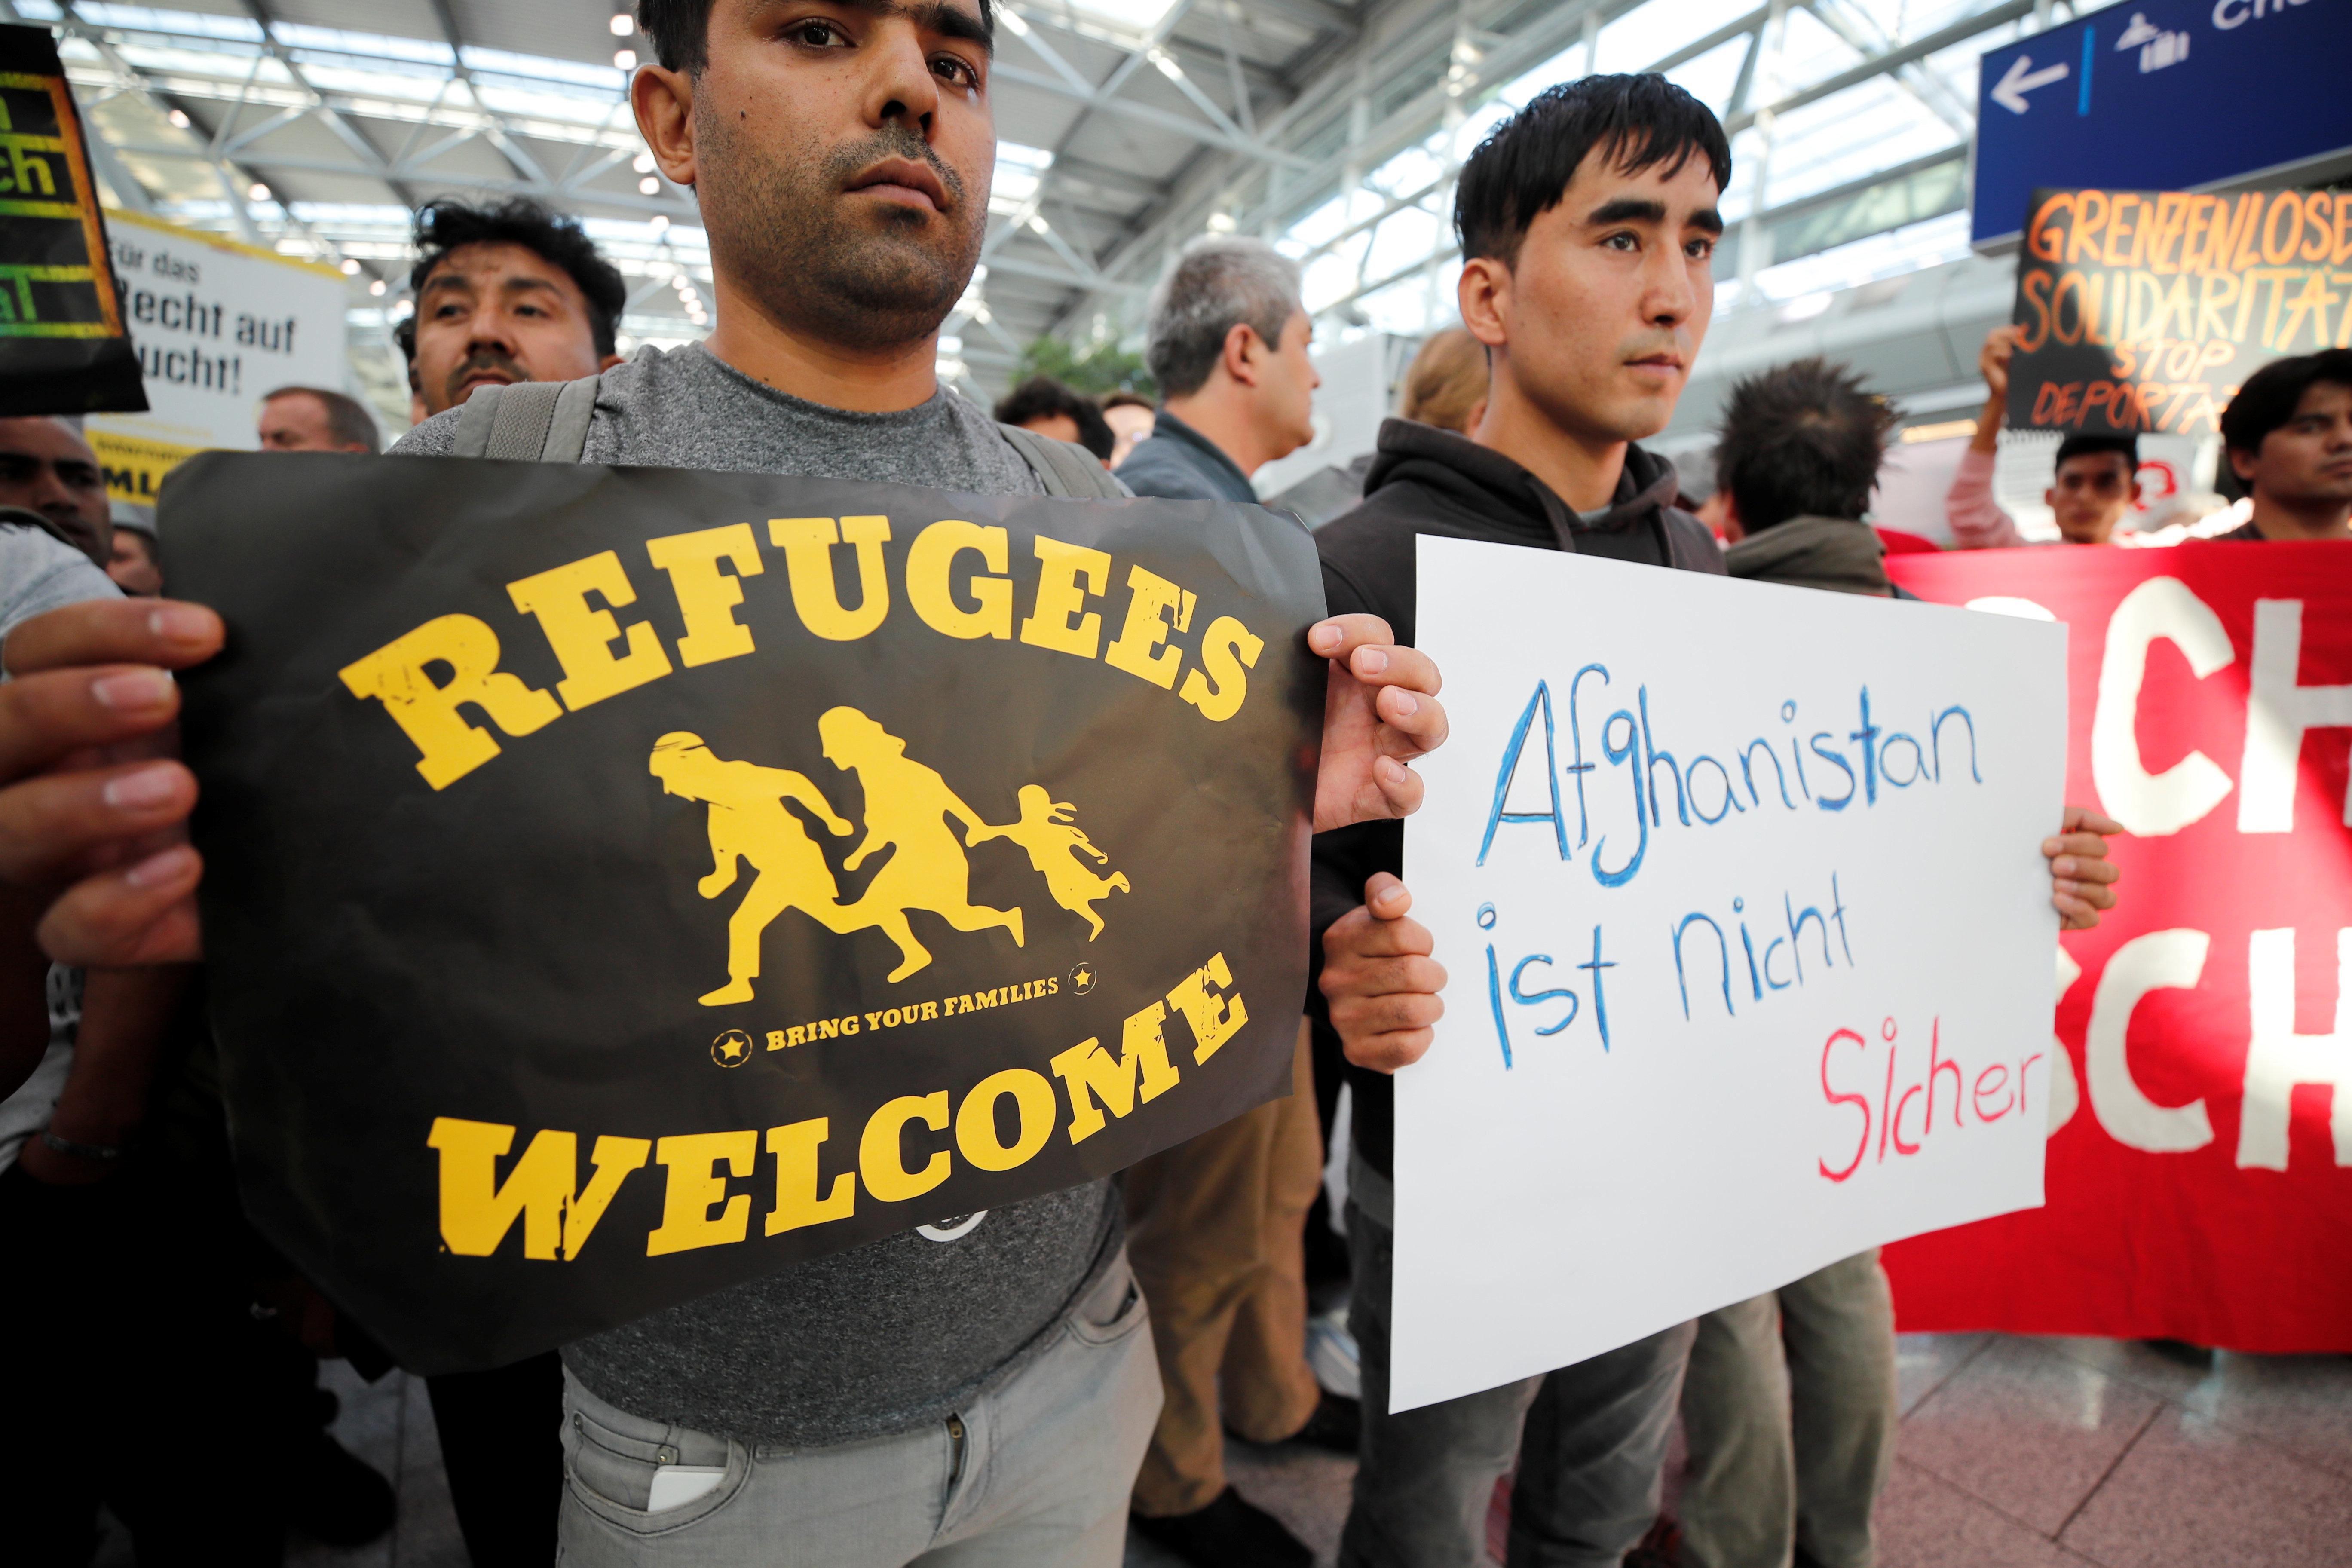 Γερμανία: Πρόοδος αλλά όχι οριστική συμφωνία στη νέα συνεδρίαση της κυβερνητικής επιτροπής για τα κλειστά κέντρα